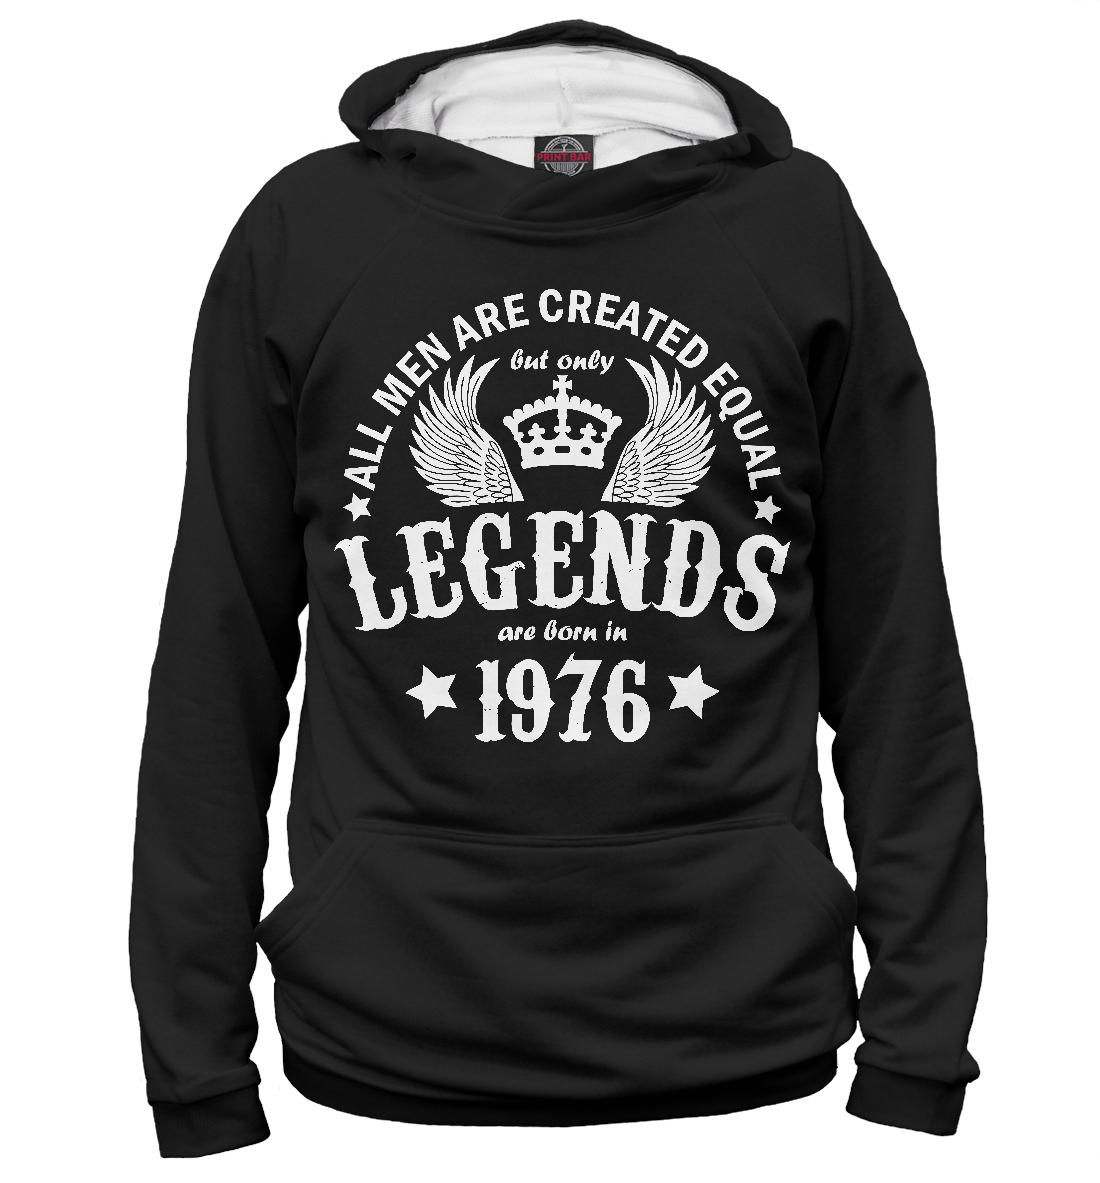 Купить 1976 - рождение легенды, Printbar, Худи, DSS-327088-hud-2